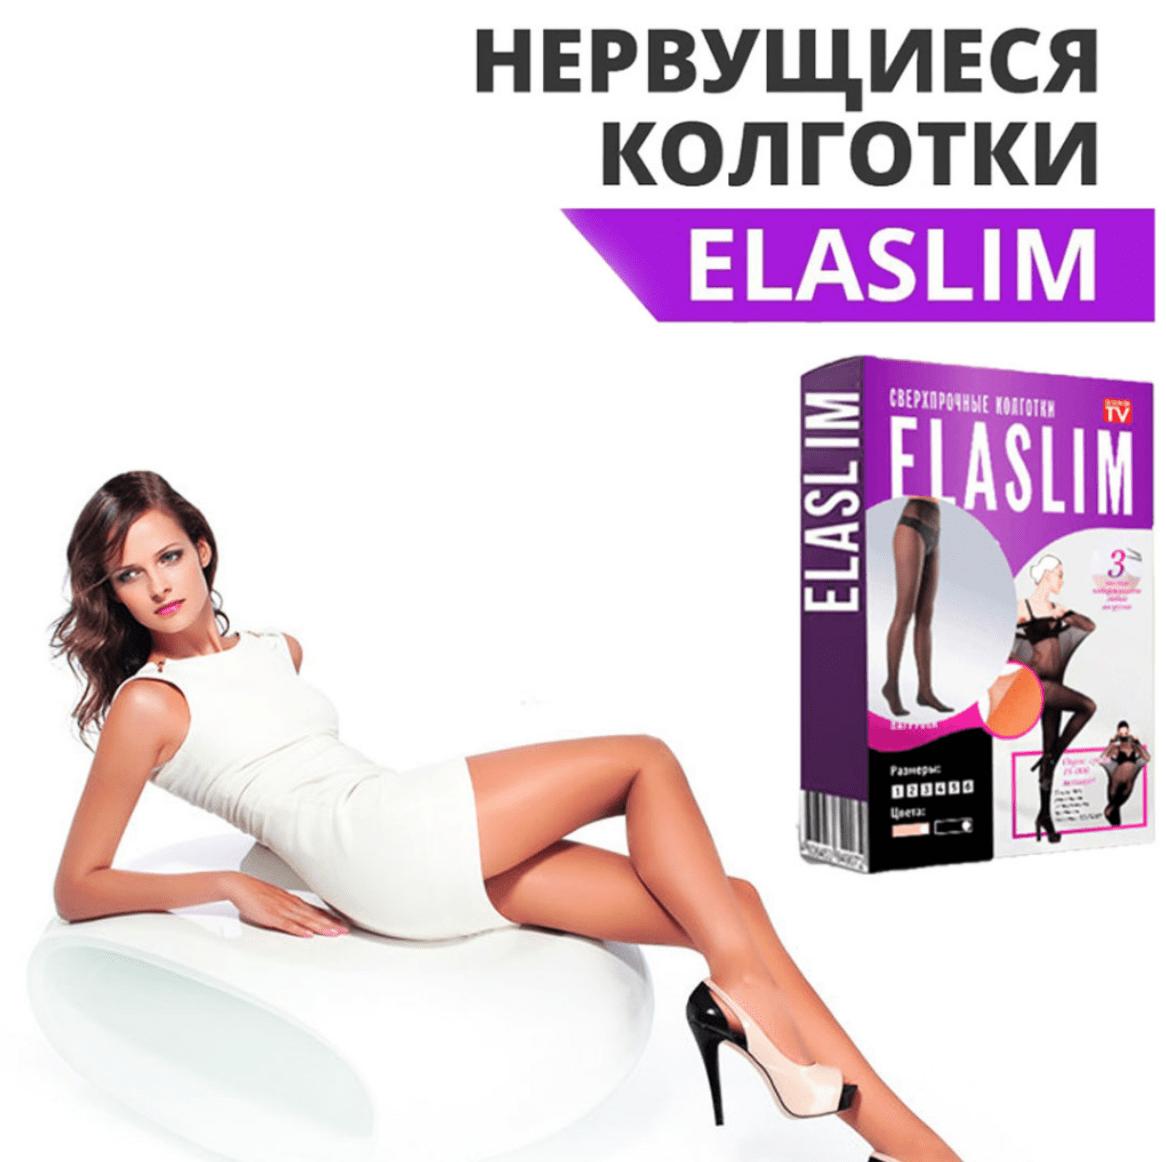 ElaSlim - нервущиеся колготки в Черкесске